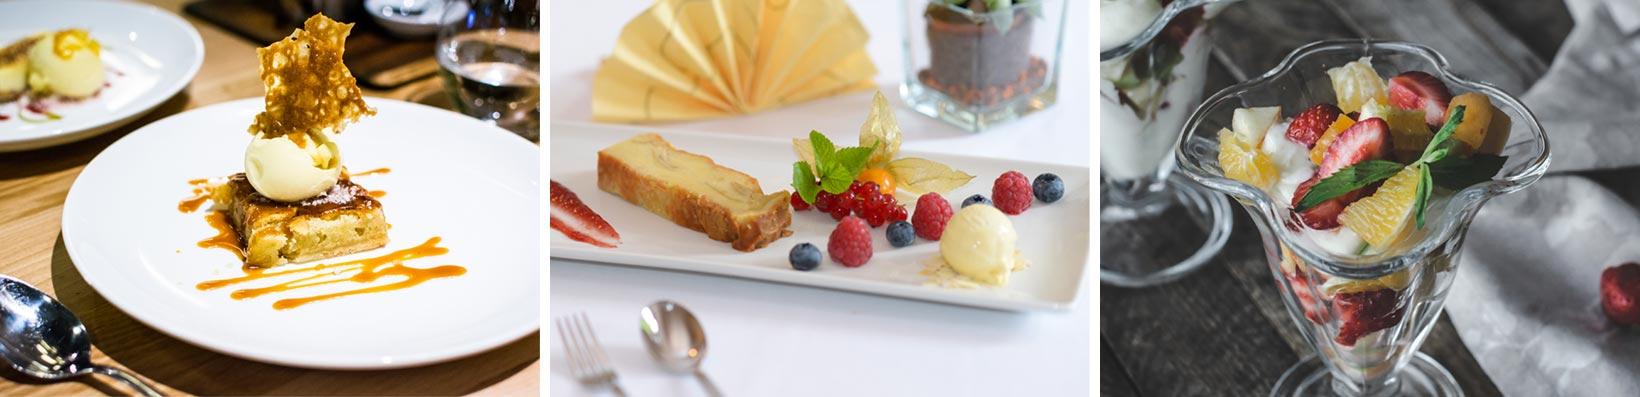 Eder Keller Desserts